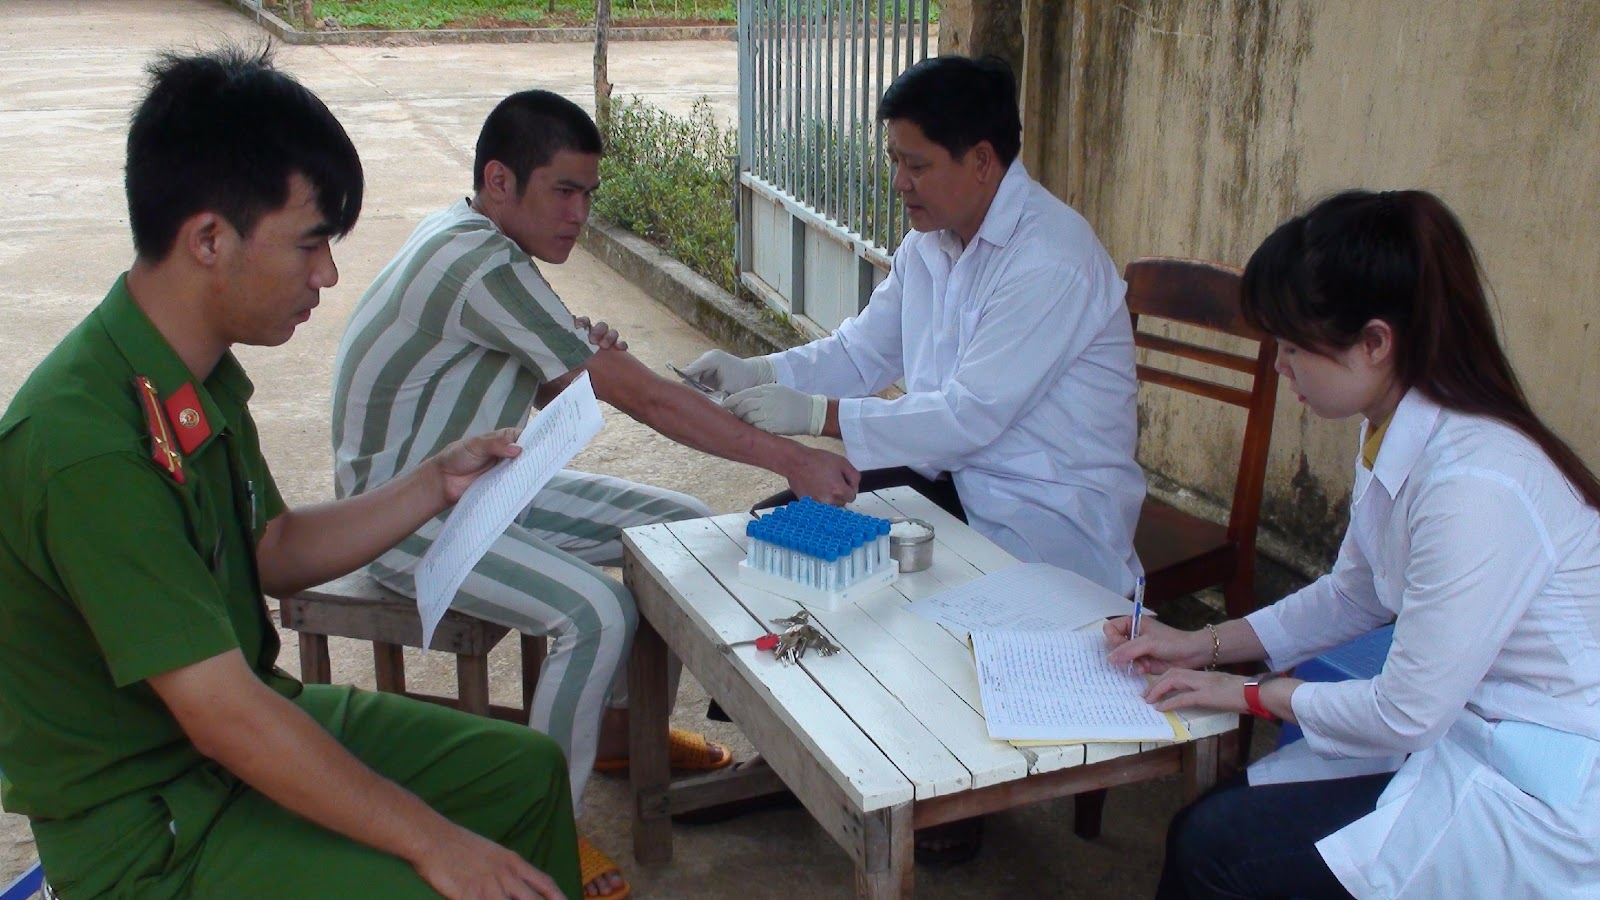 Lấy mẫu máu xét nghiệm bệnh xã hội cho can phạm nhân tại Trại tạm giam